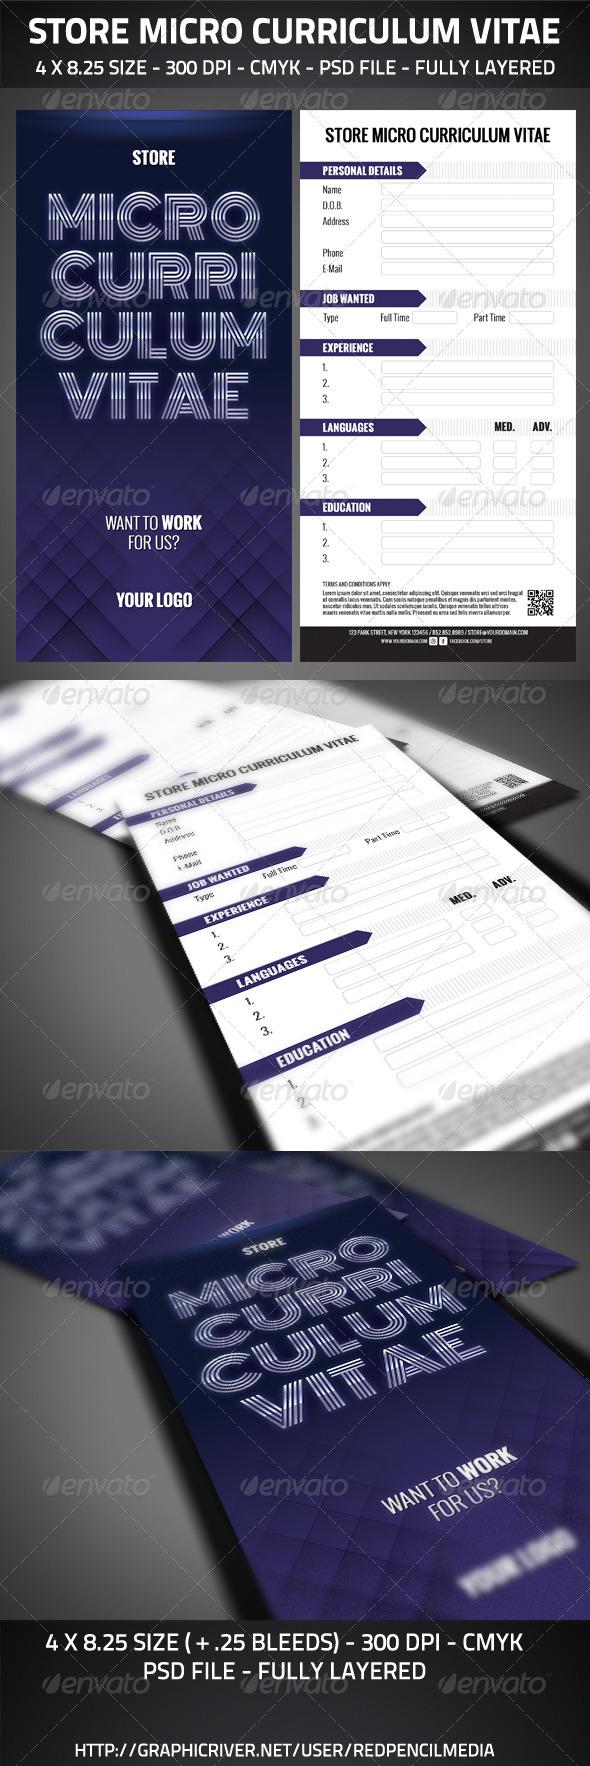 GraphicRiver Store Micro Curriculum Vitae 2769286